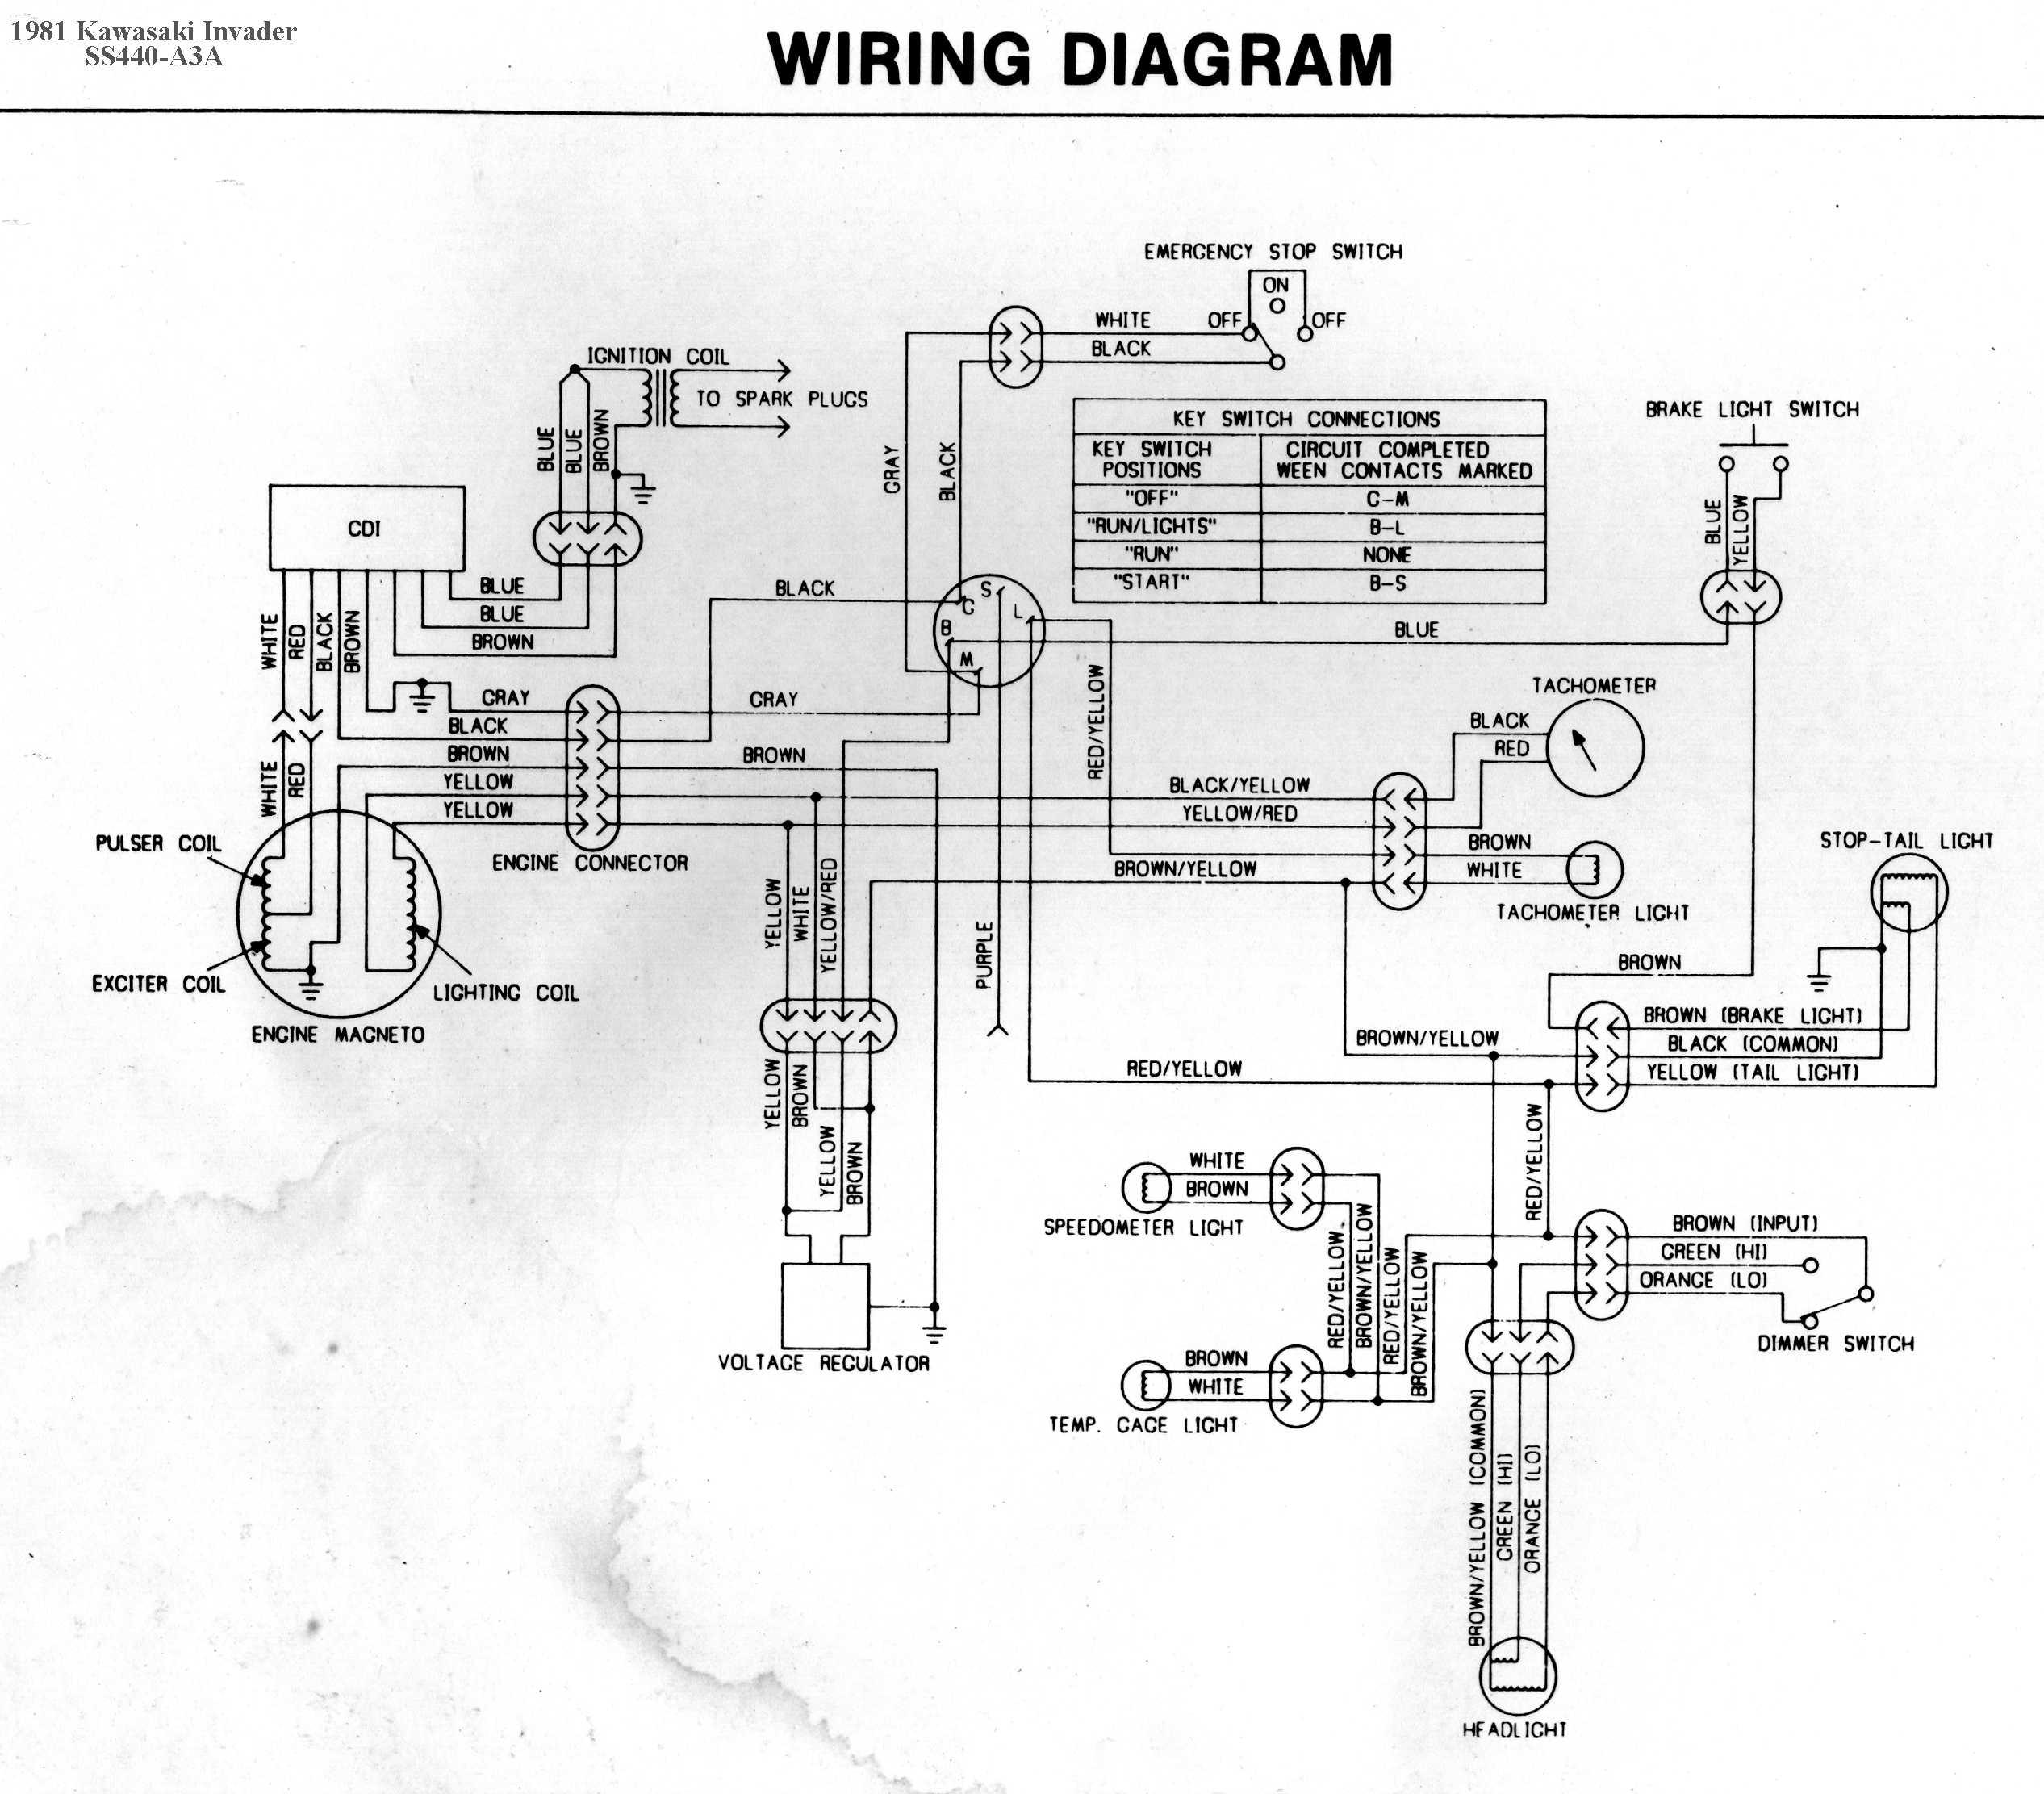 1996 Kawasaki Bayou 300 Wiring Diagram Kawasaki Invader Snowmobile Wiring Diagrams